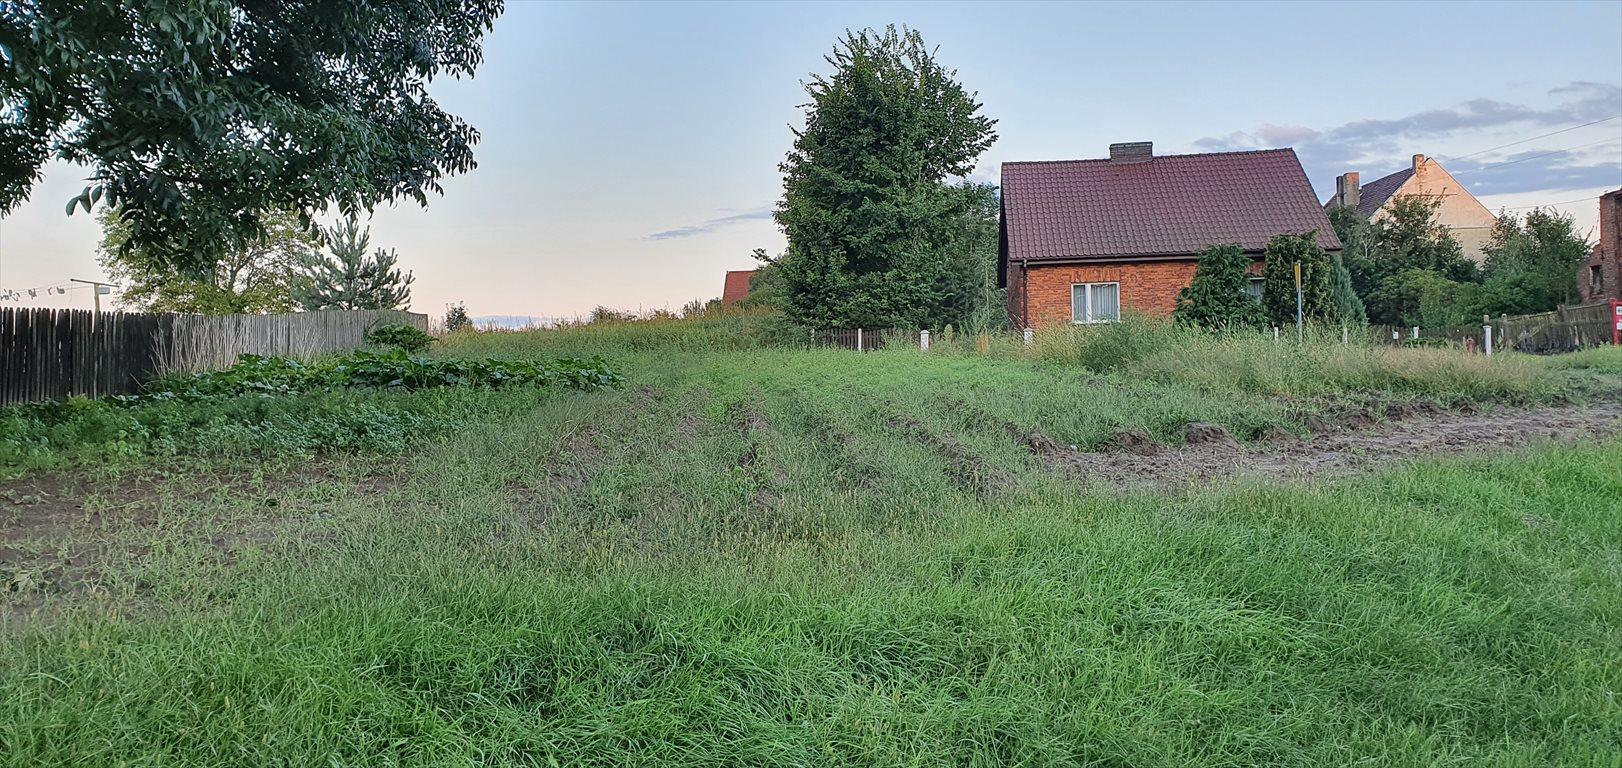 Działka budowlana na sprzedaż Zdziechowice  600m2 Foto 2